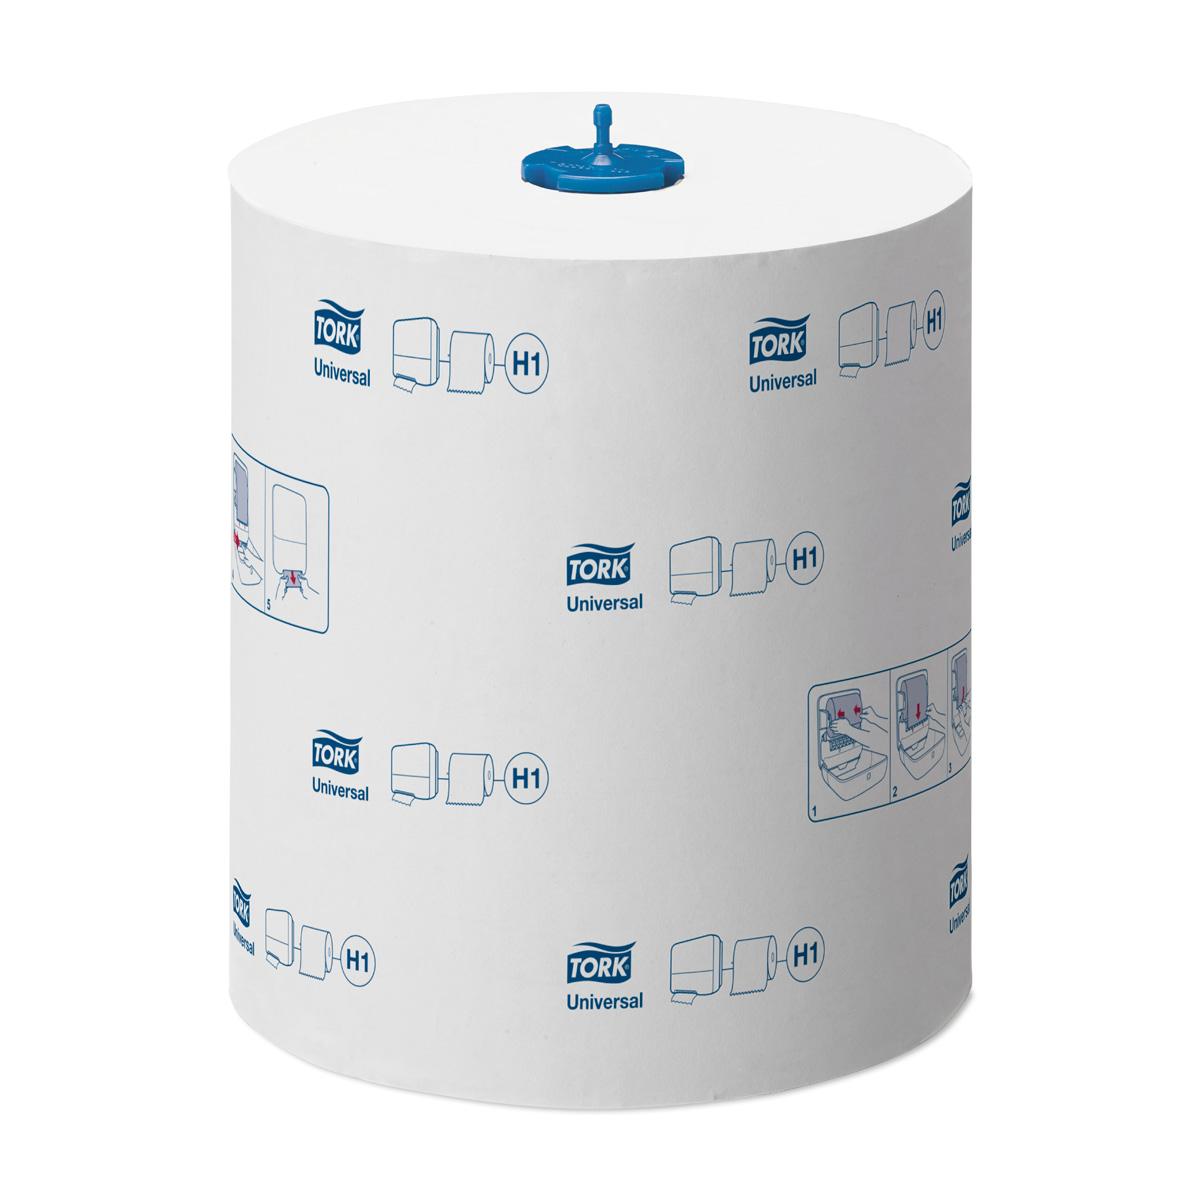 Tork Matic полотенца в рулонах ультра-длина 1-сл 280м, коробка 6 шт